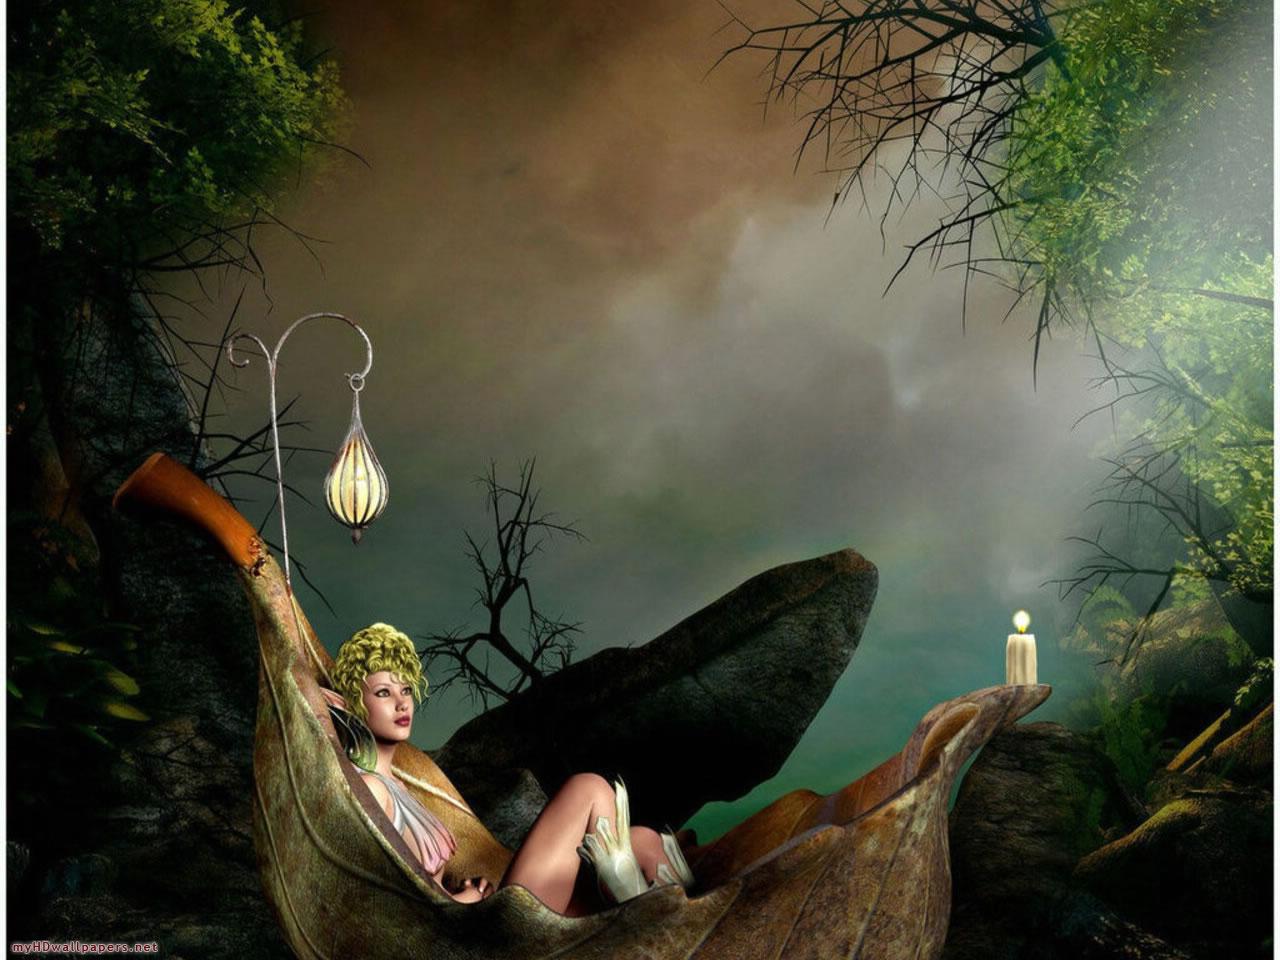 Elf Fantasy Girl Desktop Backgrounds 2013 Wallpapers 1280x960